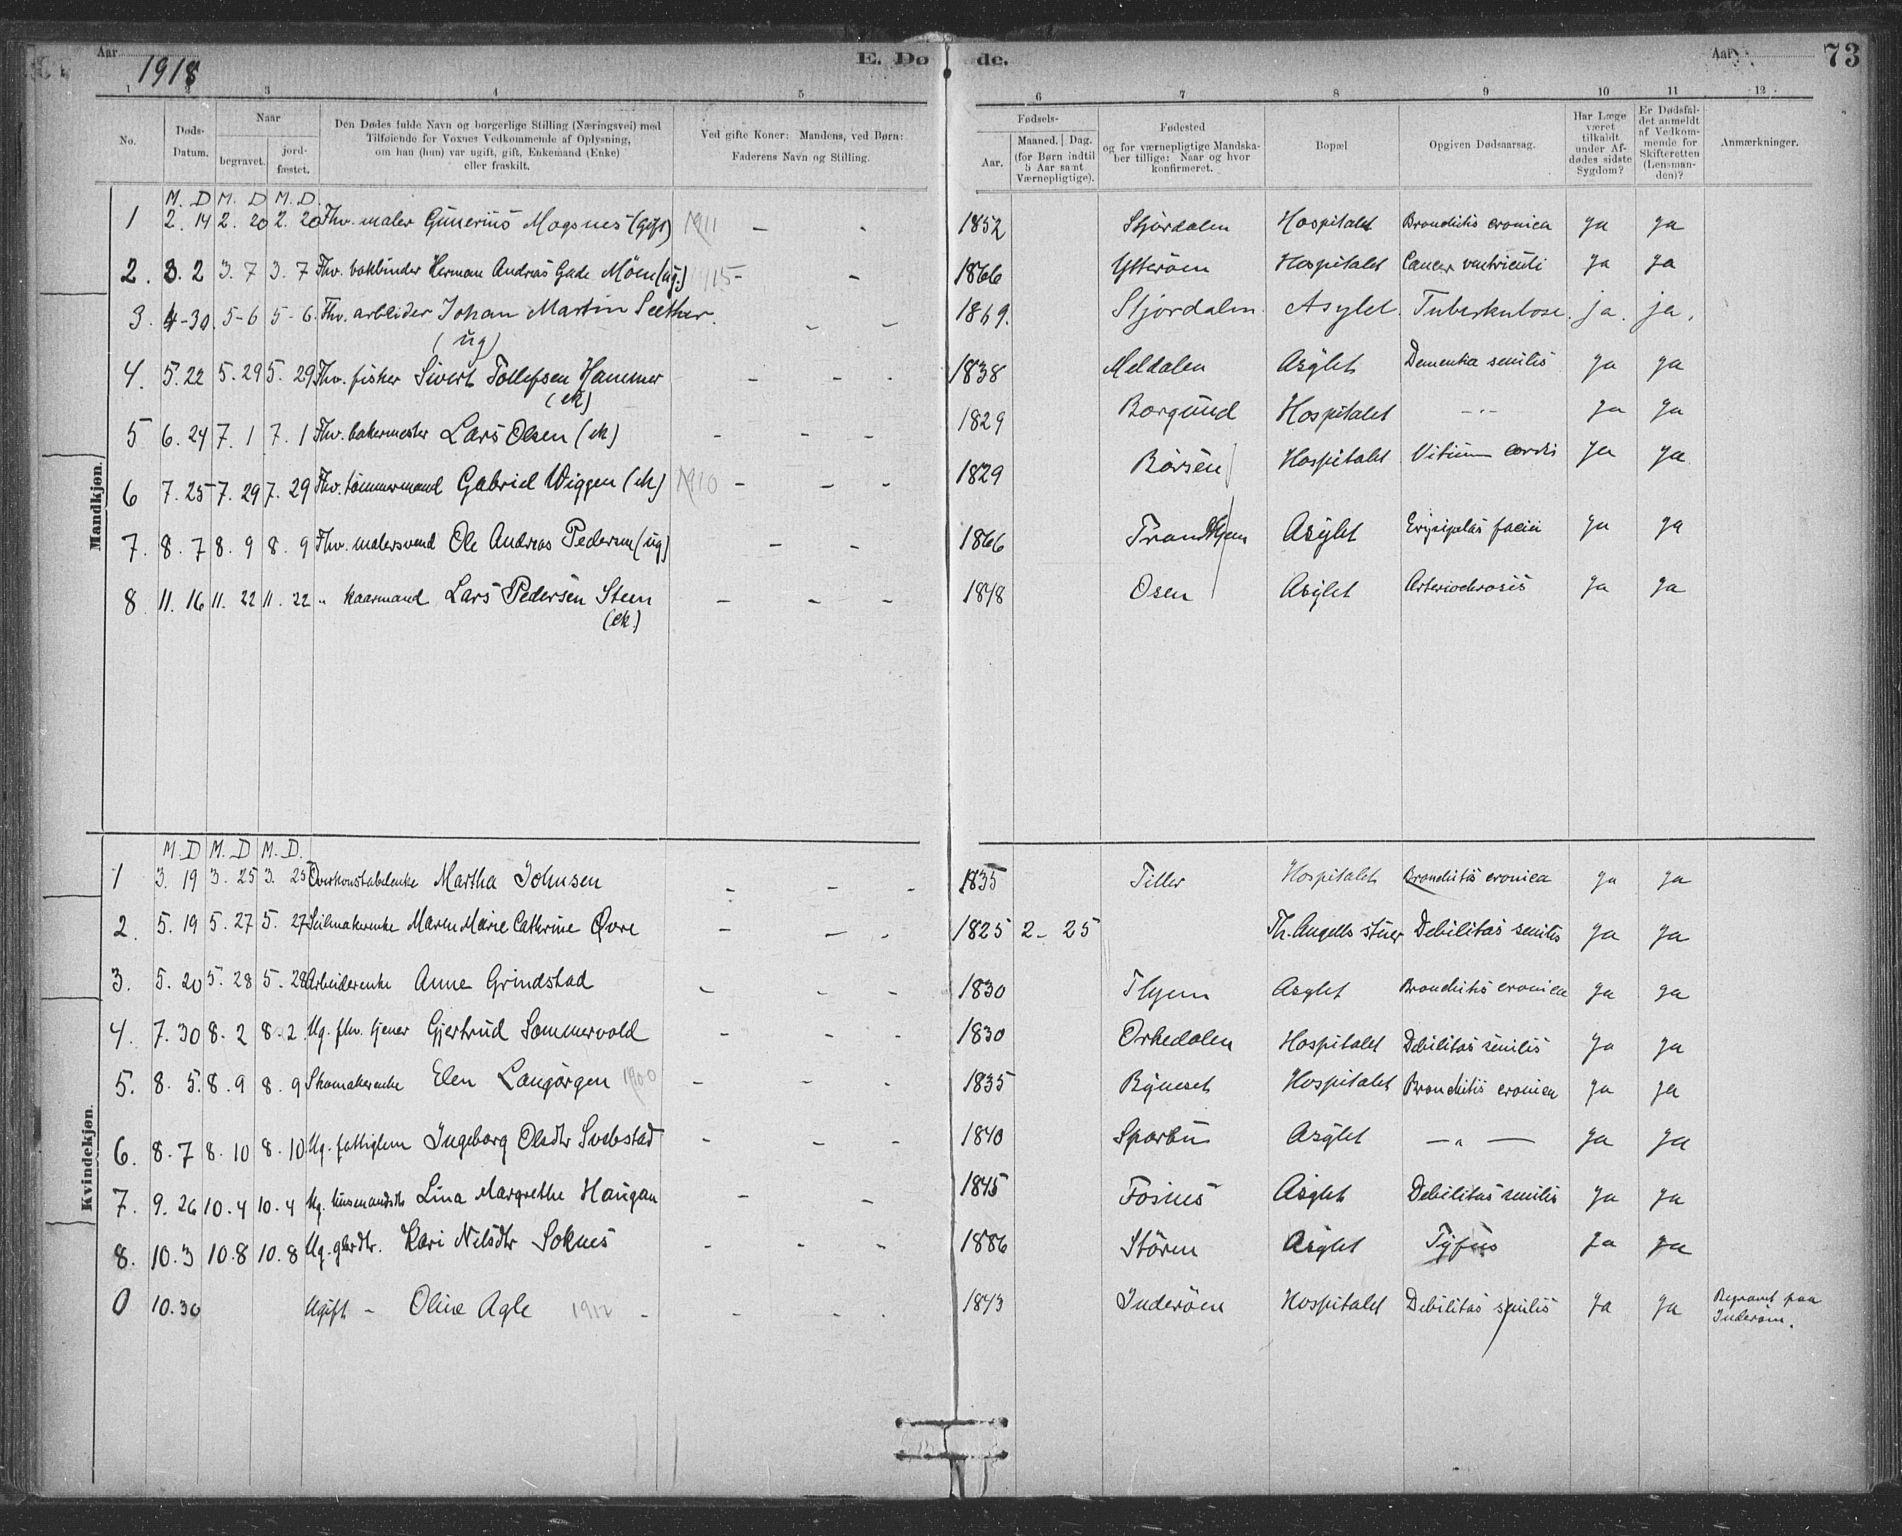 SAT, Ministerialprotokoller, klokkerbøker og fødselsregistre - Sør-Trøndelag, 623/L0470: Ministerialbok nr. 623A04, 1884-1938, s. 73